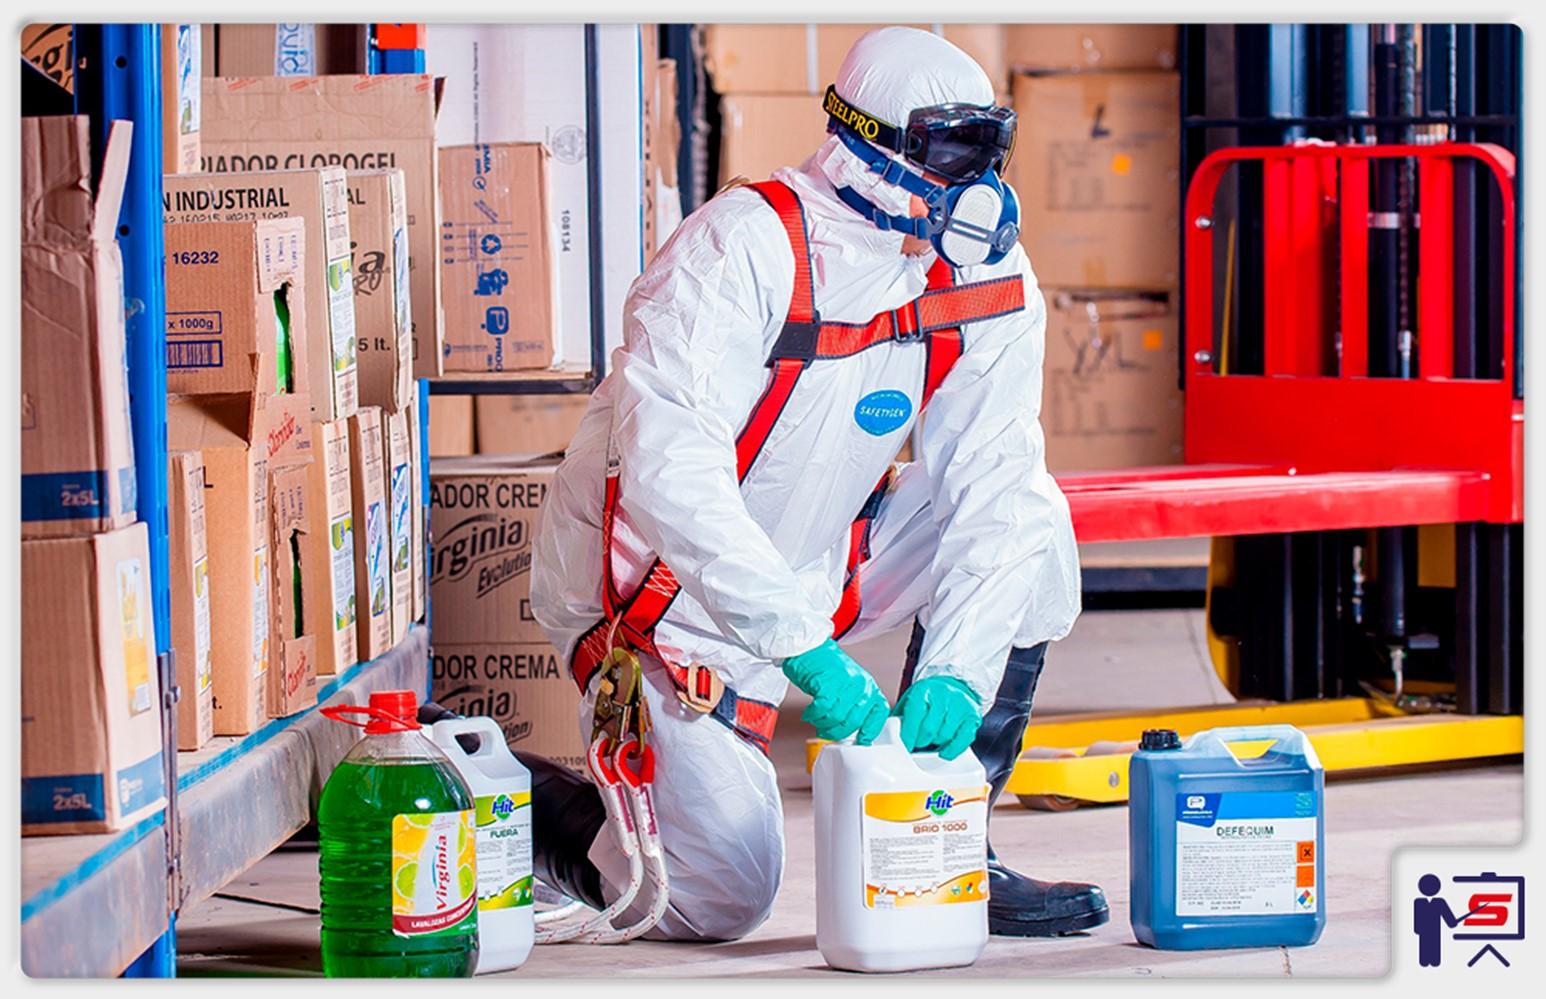 Manuseio e Armazenagem de Produtos Químicos Perigosos